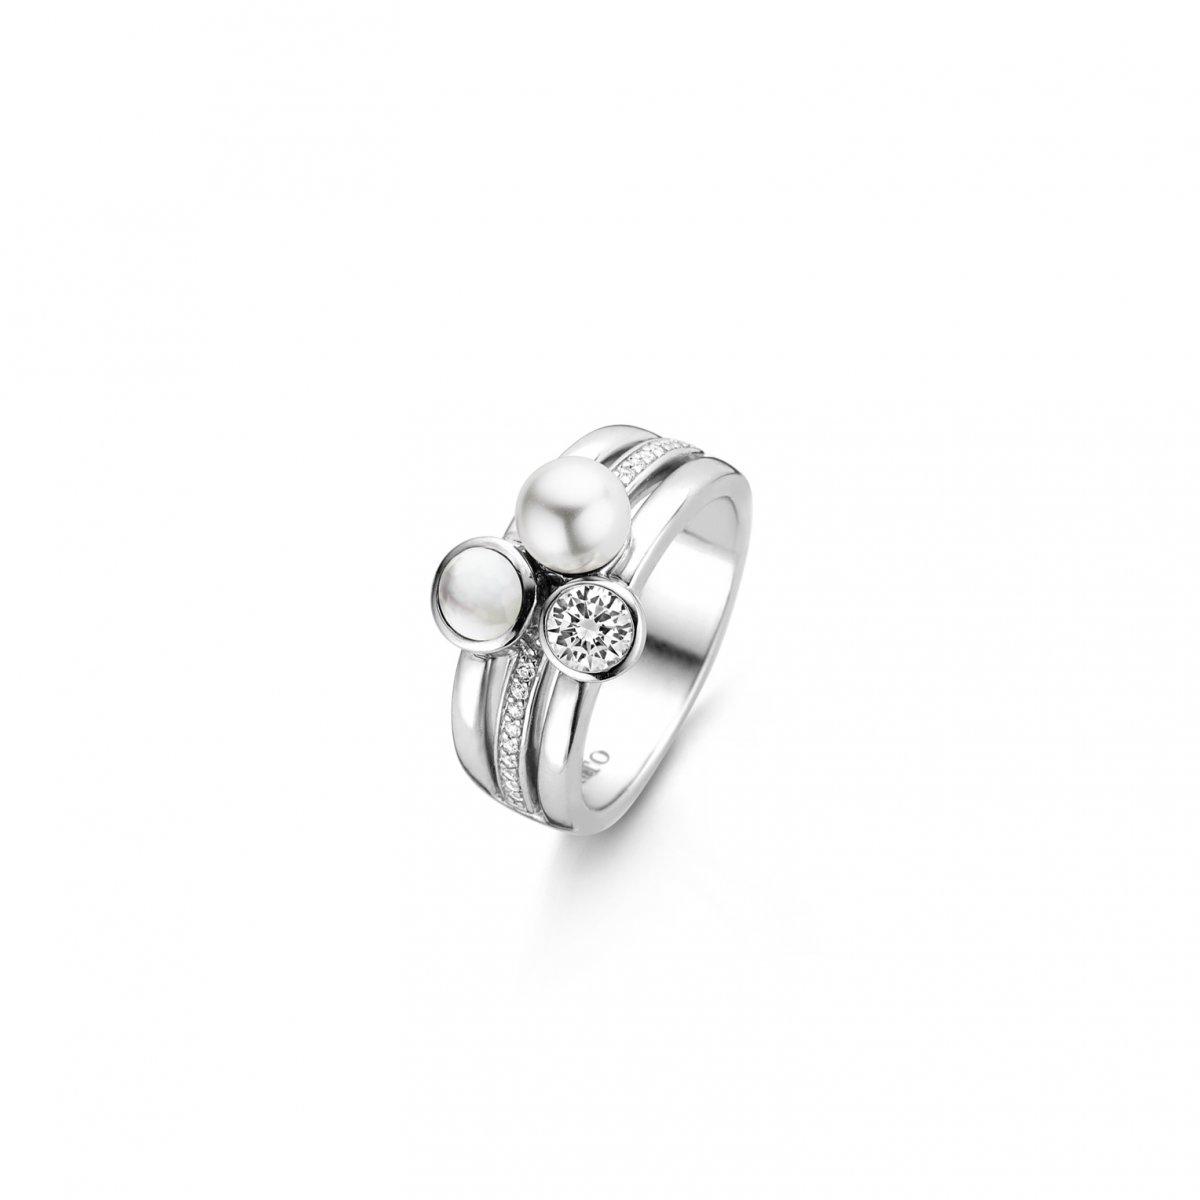 Strieborný prsteň TI SENTO so zirkónmi